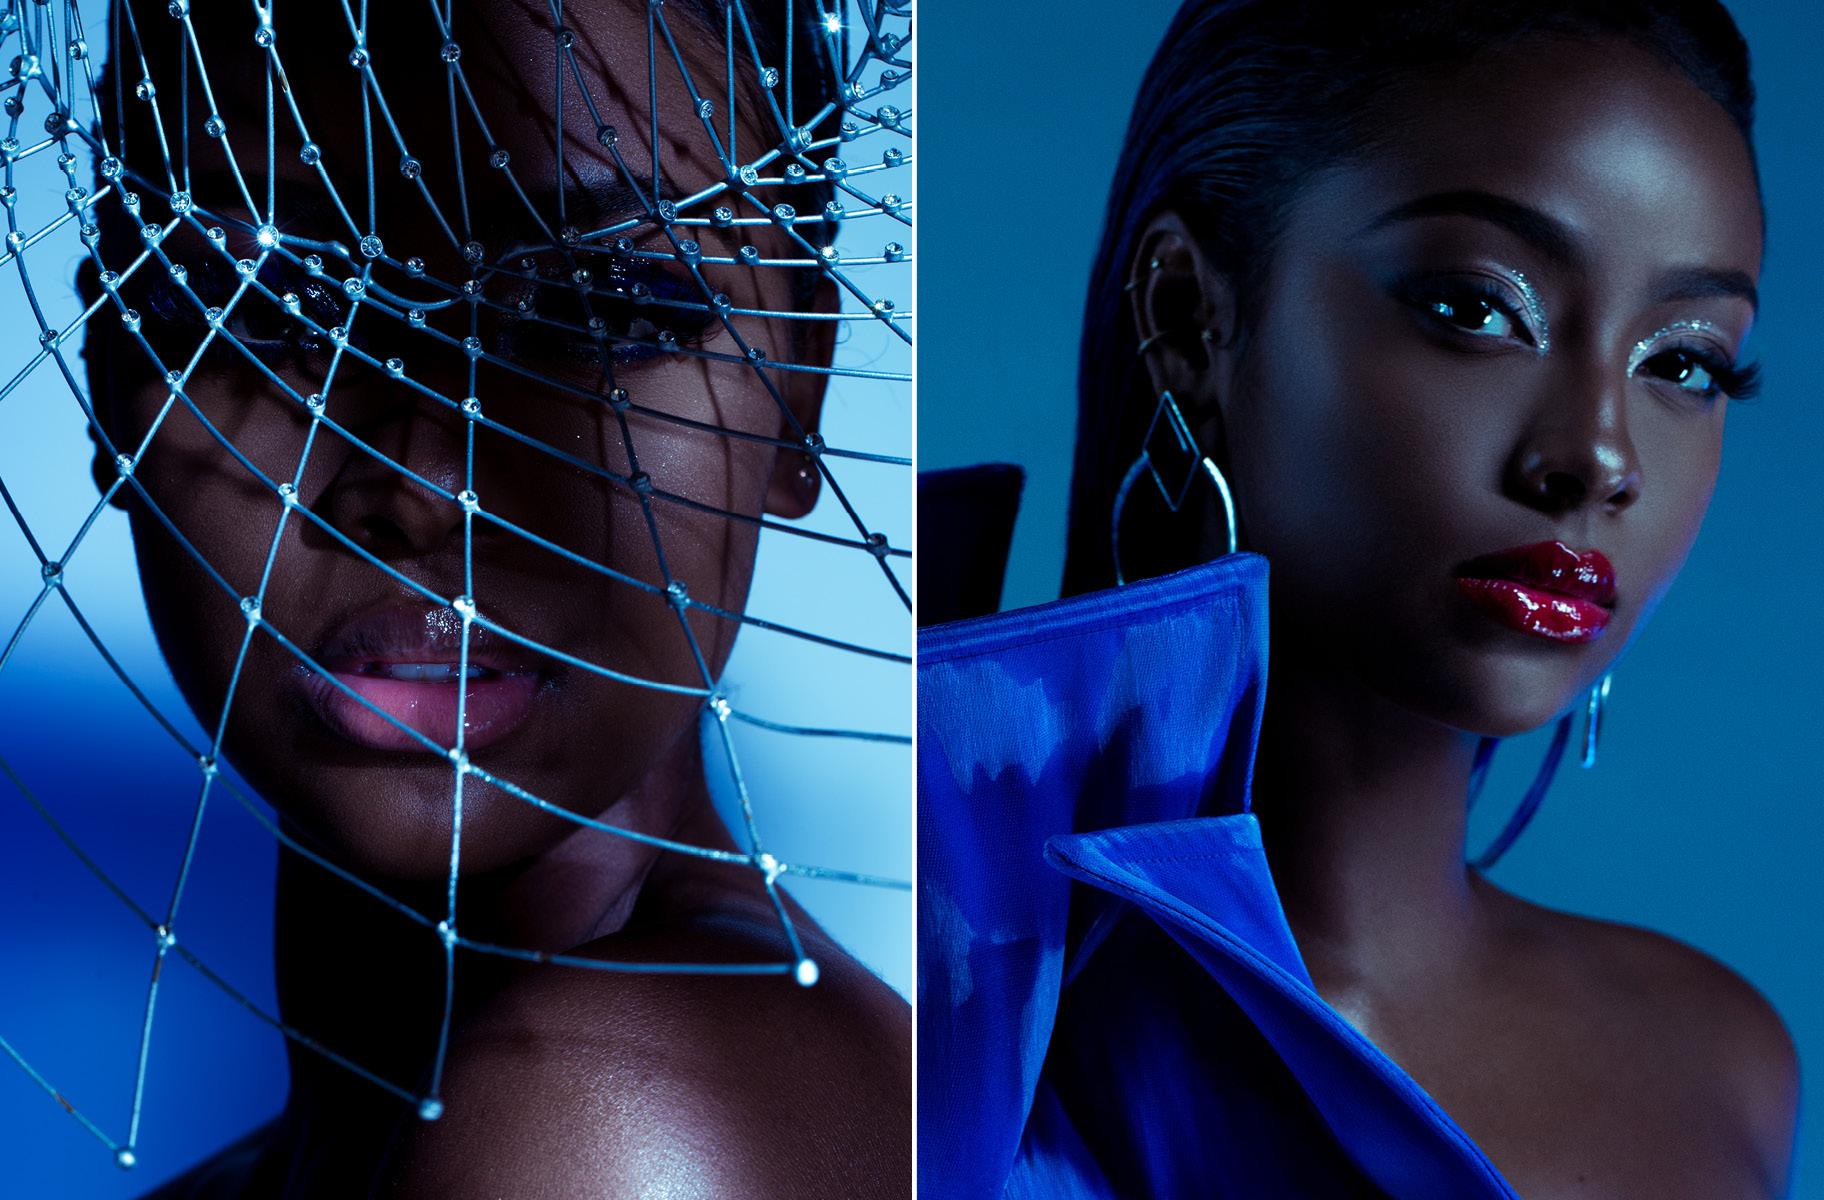 Spirit-&-Flesh-Magazine_Justine-Skye_6